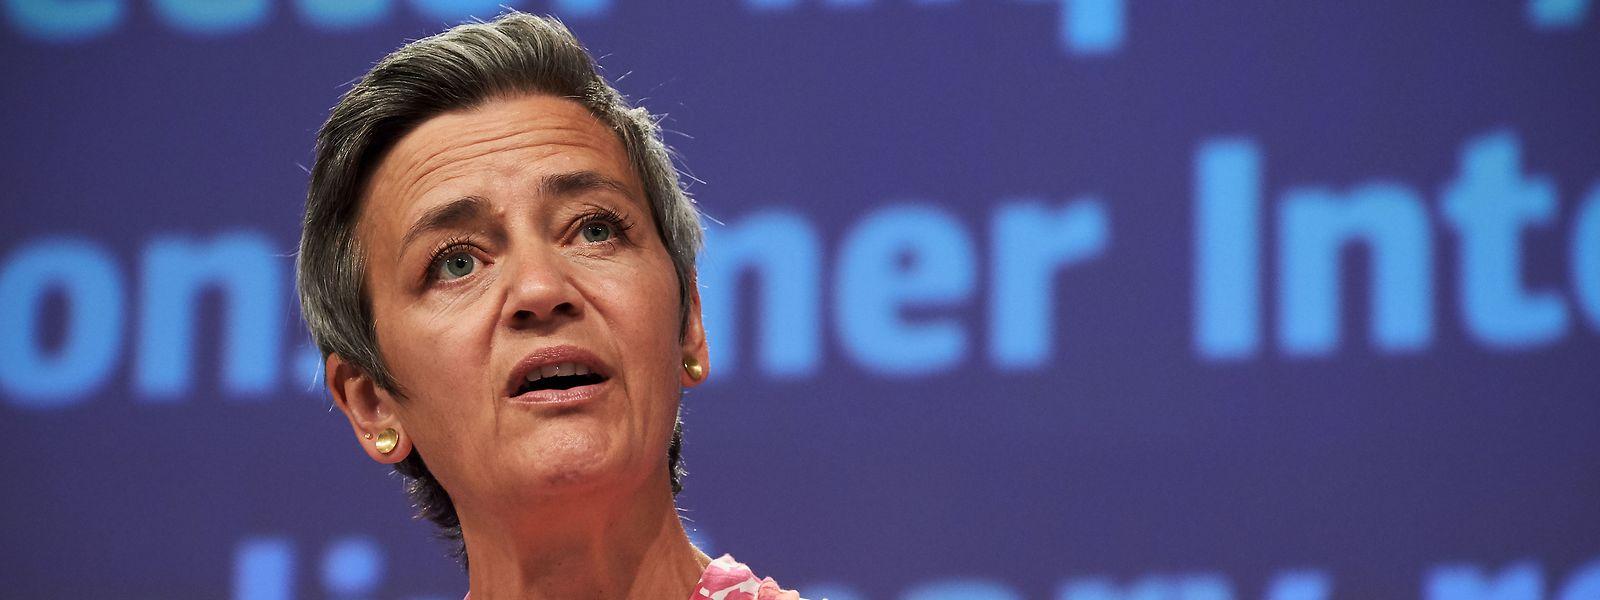 Selon Margrethe Vestager, commissaire européenne à la Concurrence, Google aurait abusé de sa position dominante sur le marché publicitaire.